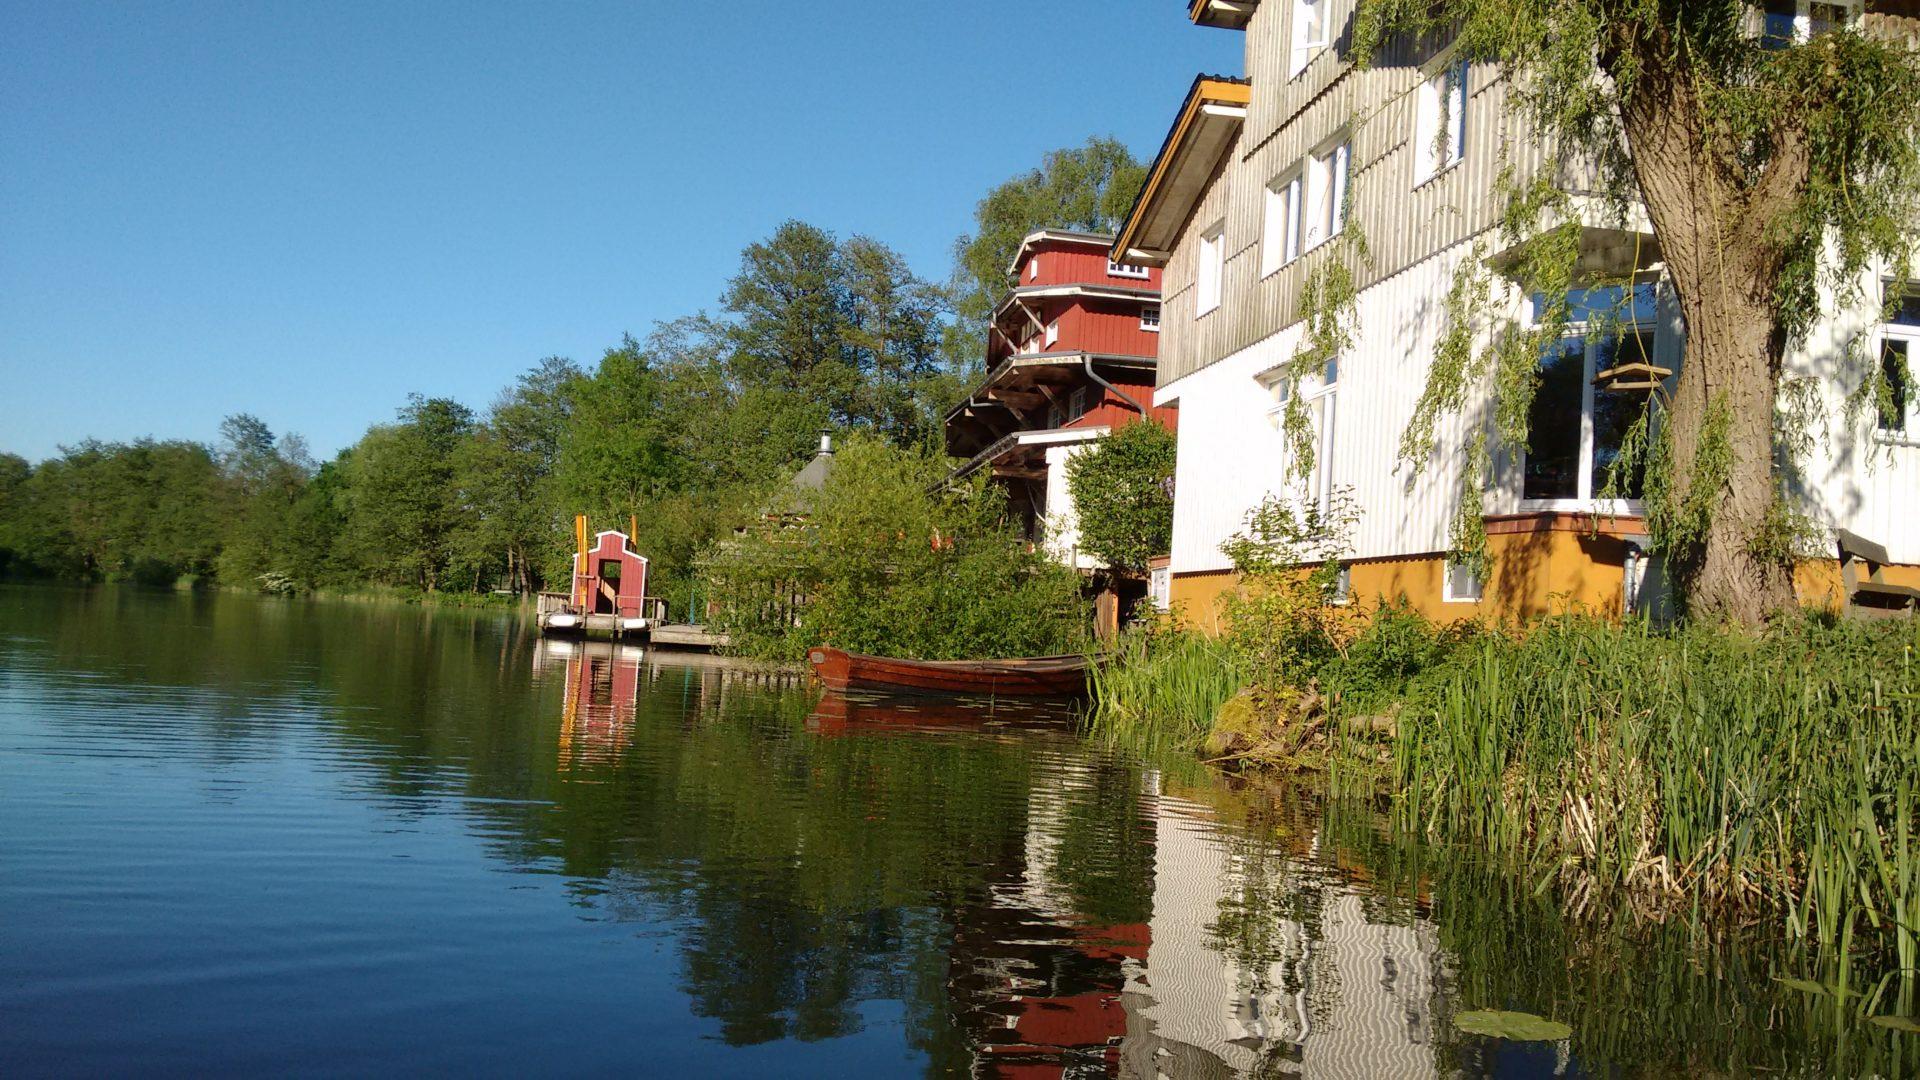 L'Eider et son canal